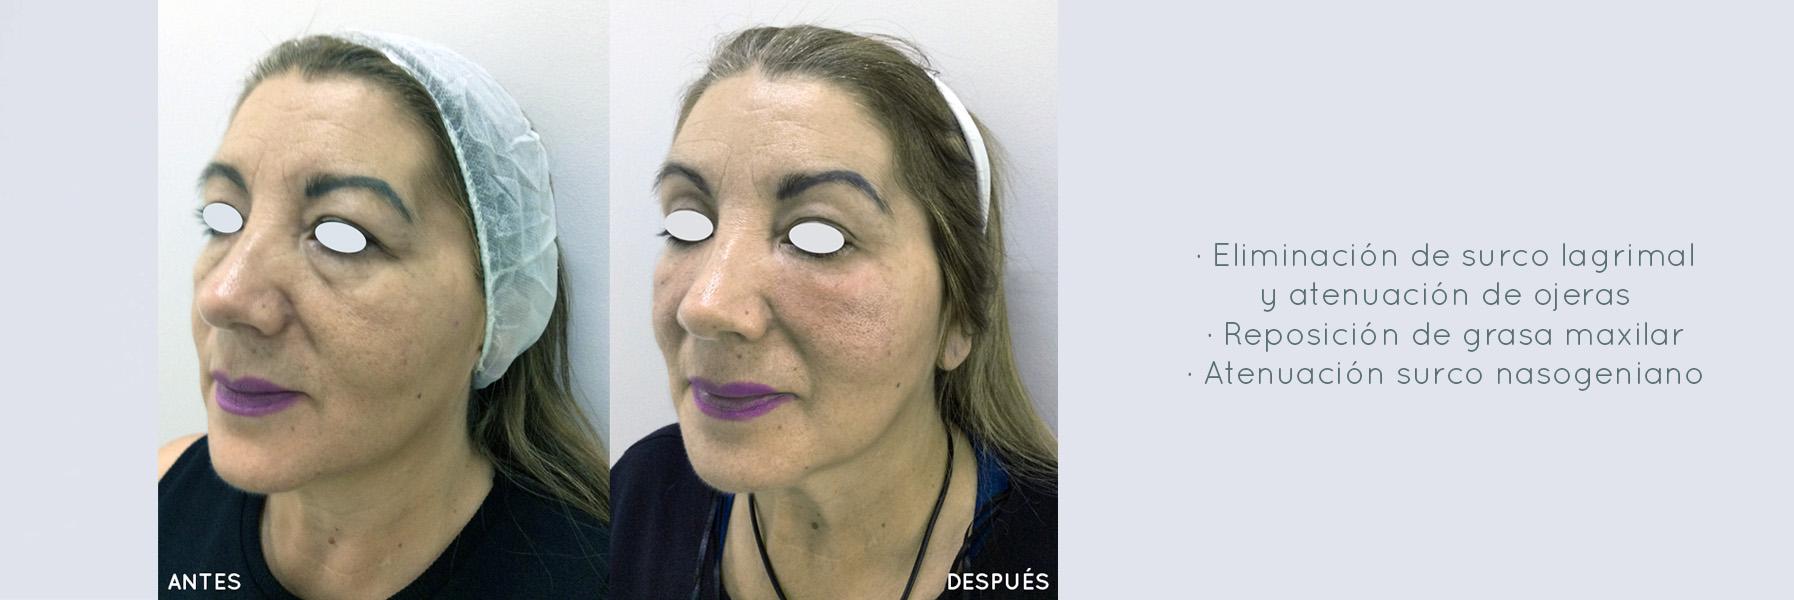 Clínica Dra. Zaror - Salud y Estética